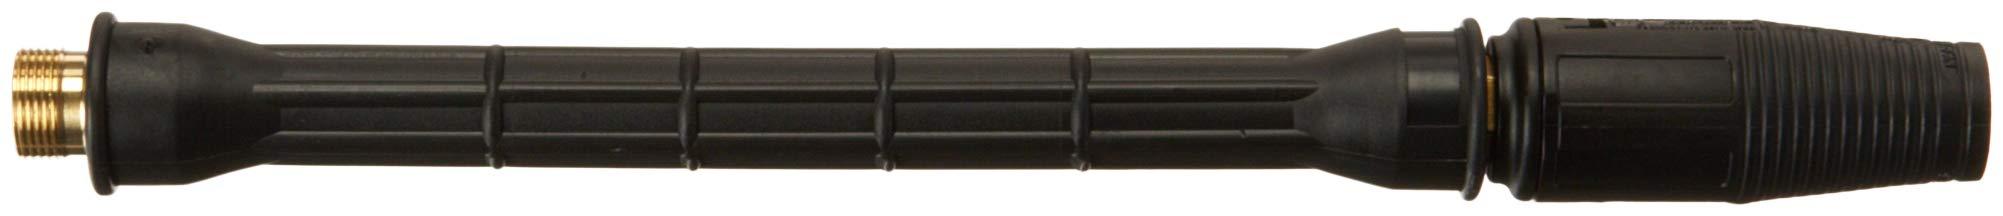 Annovi-Reverberi-AL236-125-AR-North-America-Hochdruckreiniger-Lanze-305-cm-Schwarz